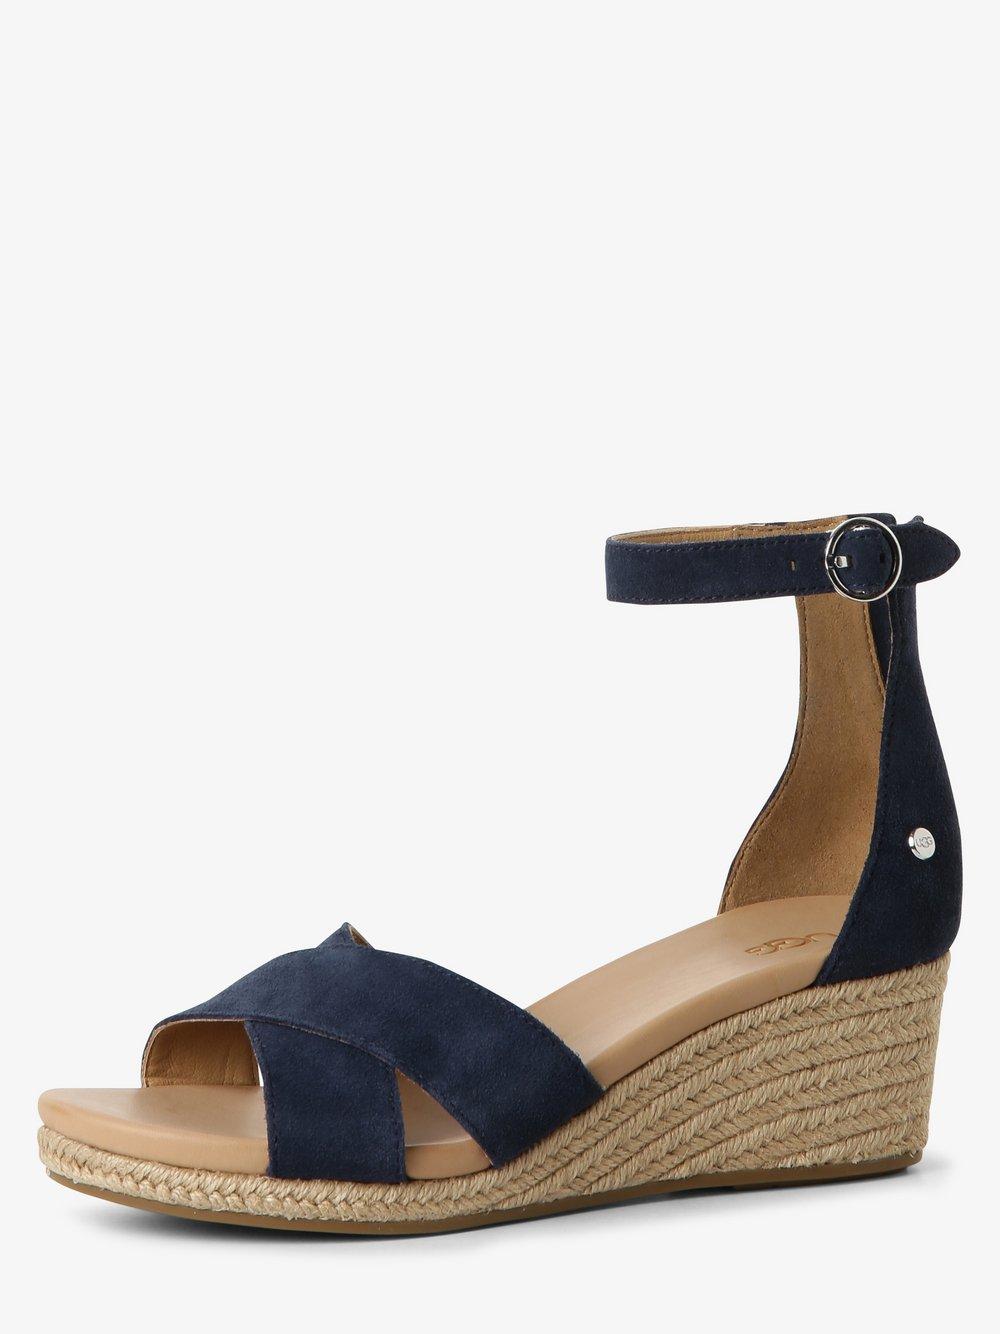 UGG - Sandały damskie ze skóry, niebieski